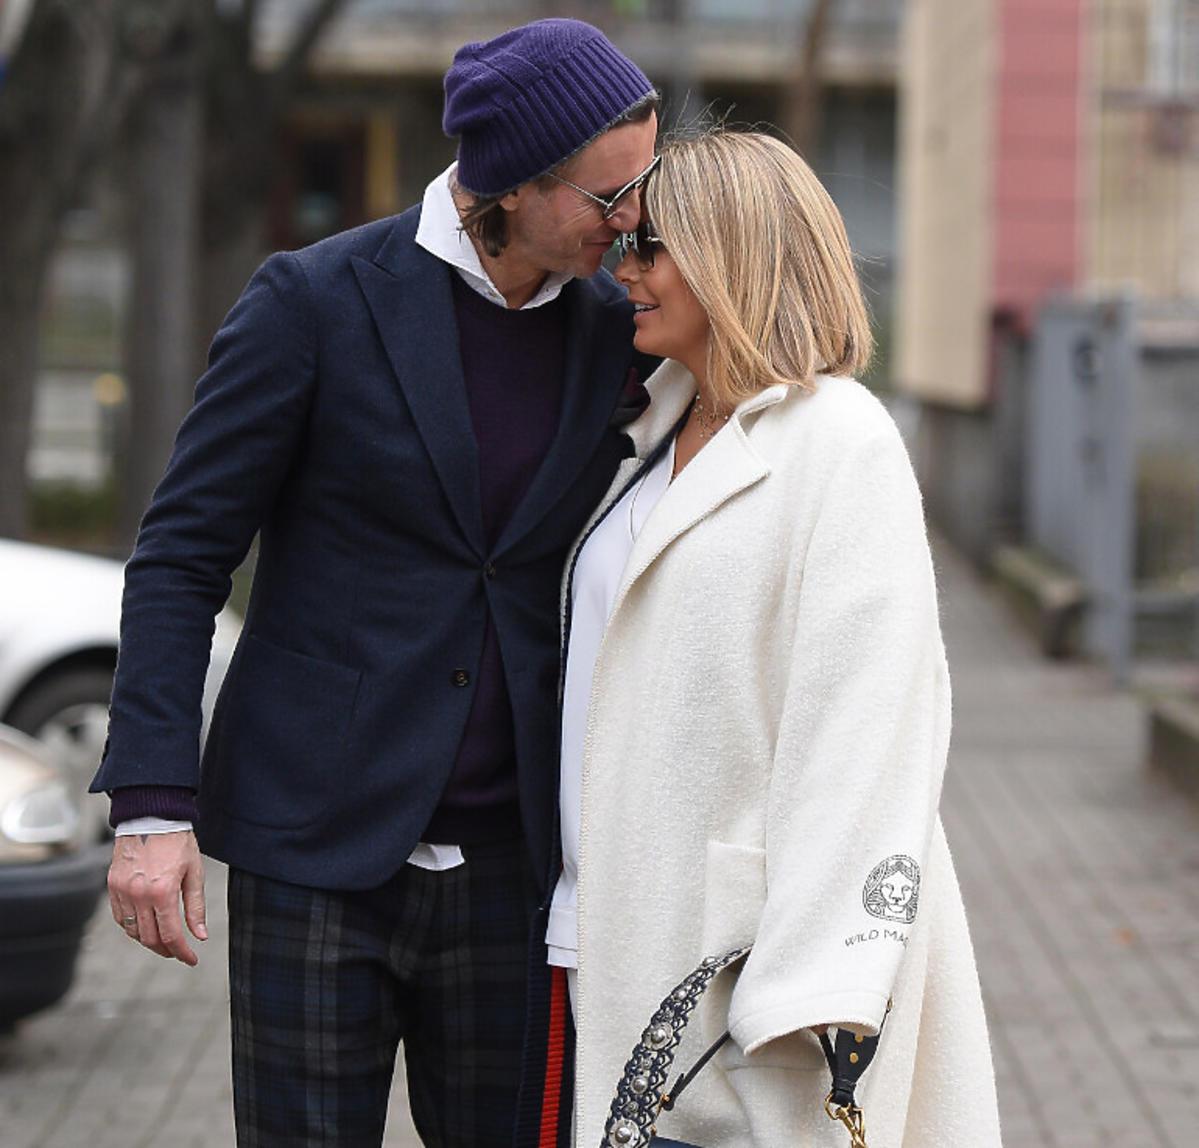 Małgorzata Rozenek i Radosław Majdan kupują wyprawkę dla dziecka